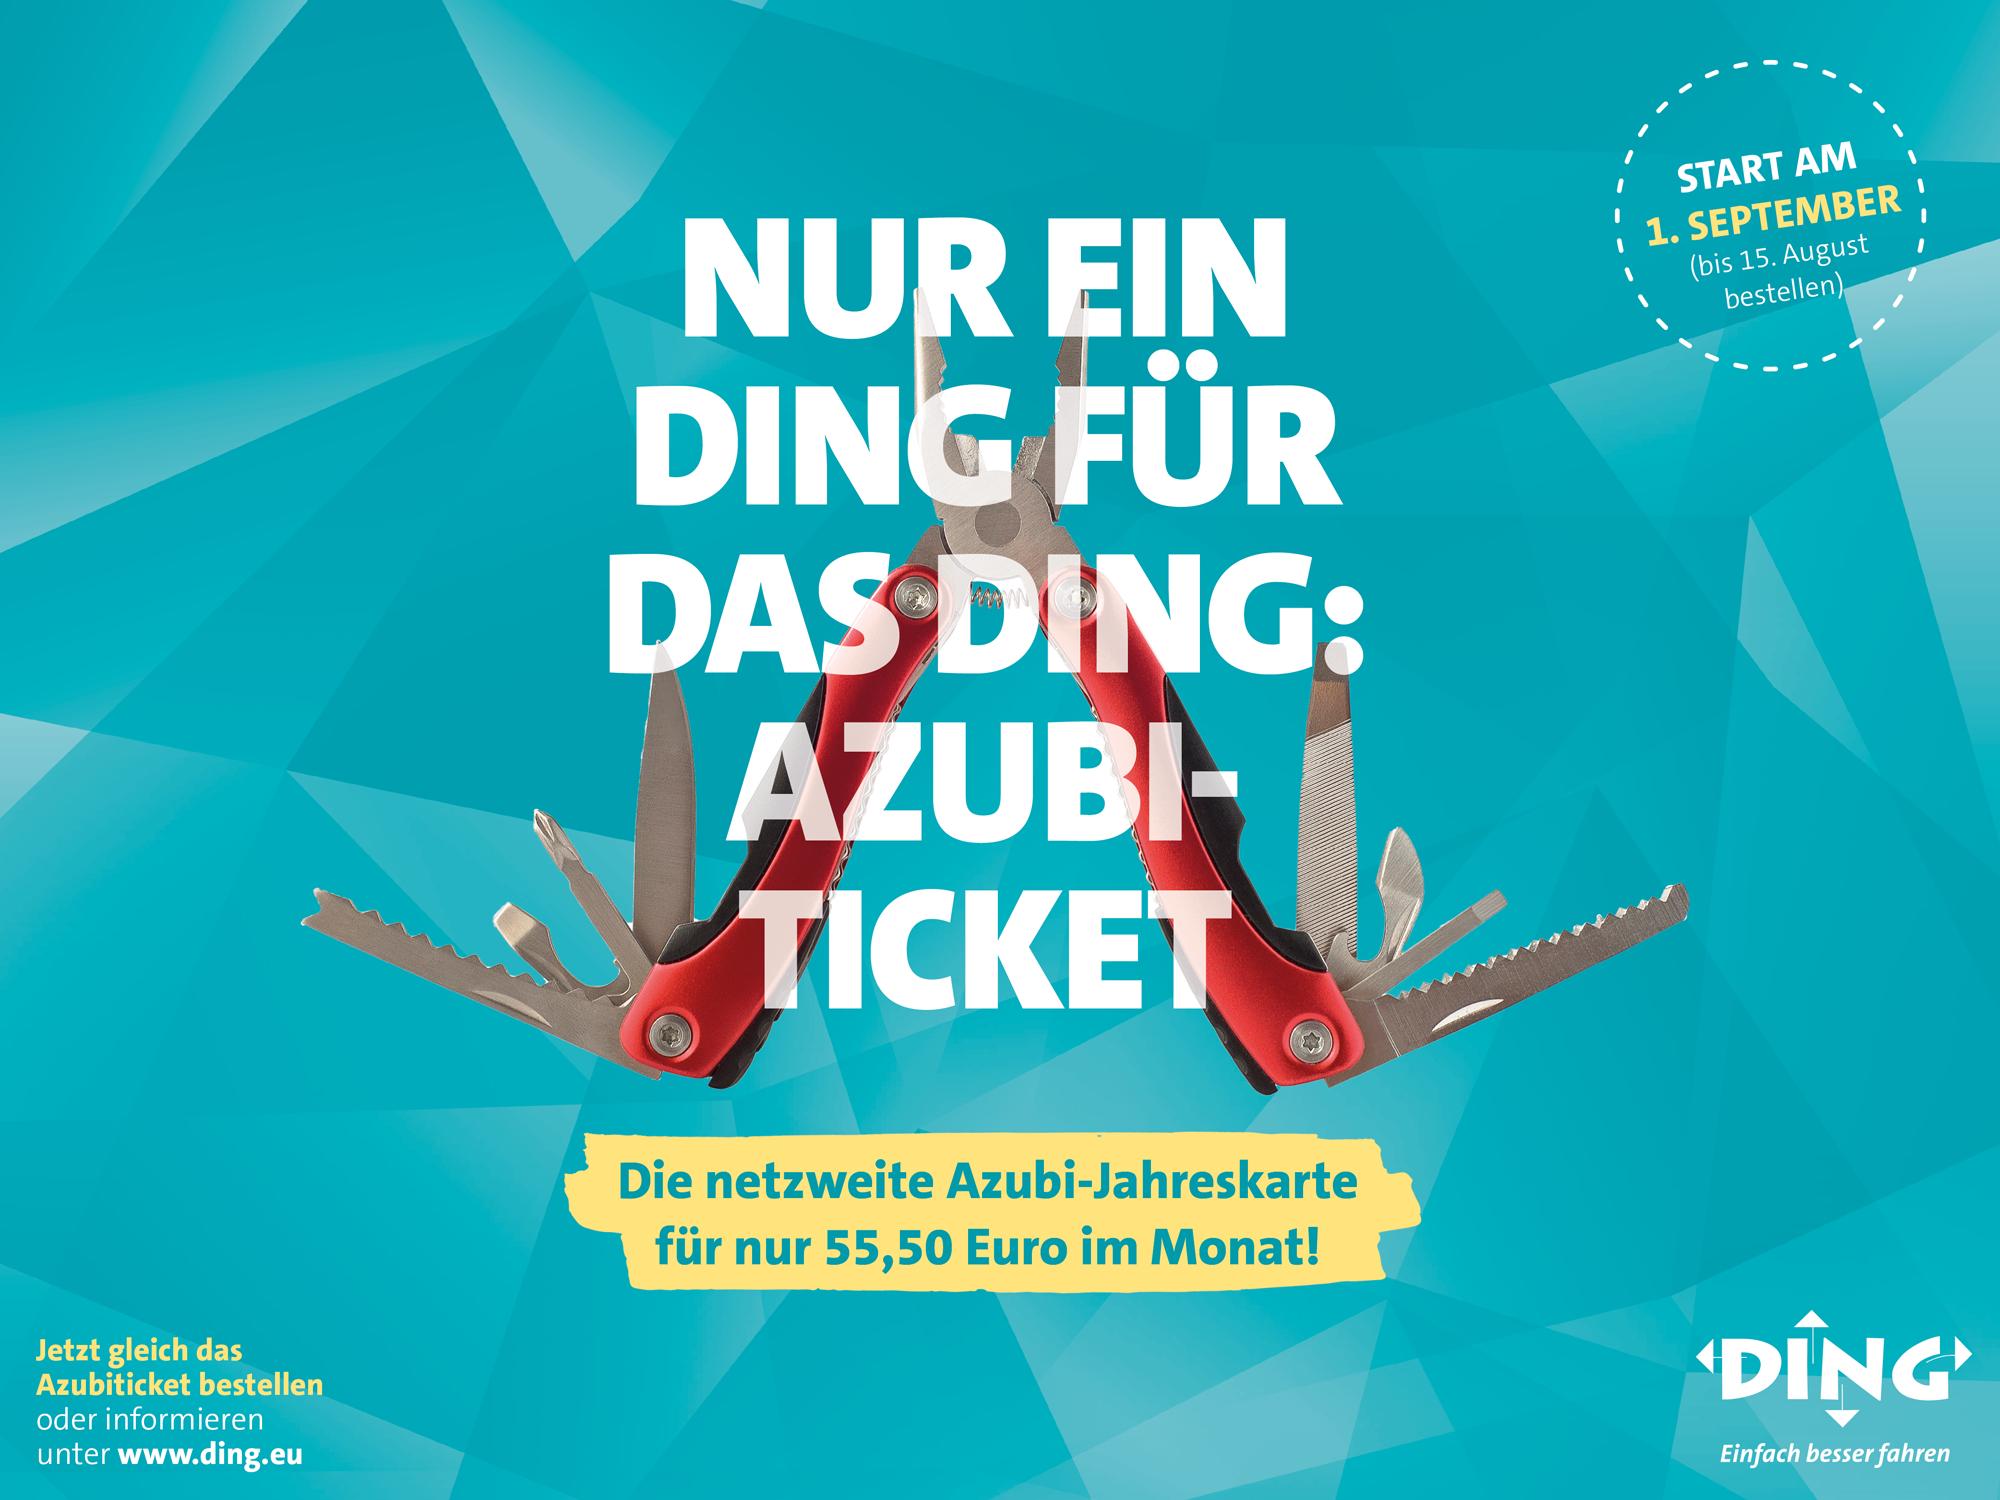 Ein rotes Multitool mit Werbeaufschrift für das Azubiticket. Bestellbar unter www.ding.eu